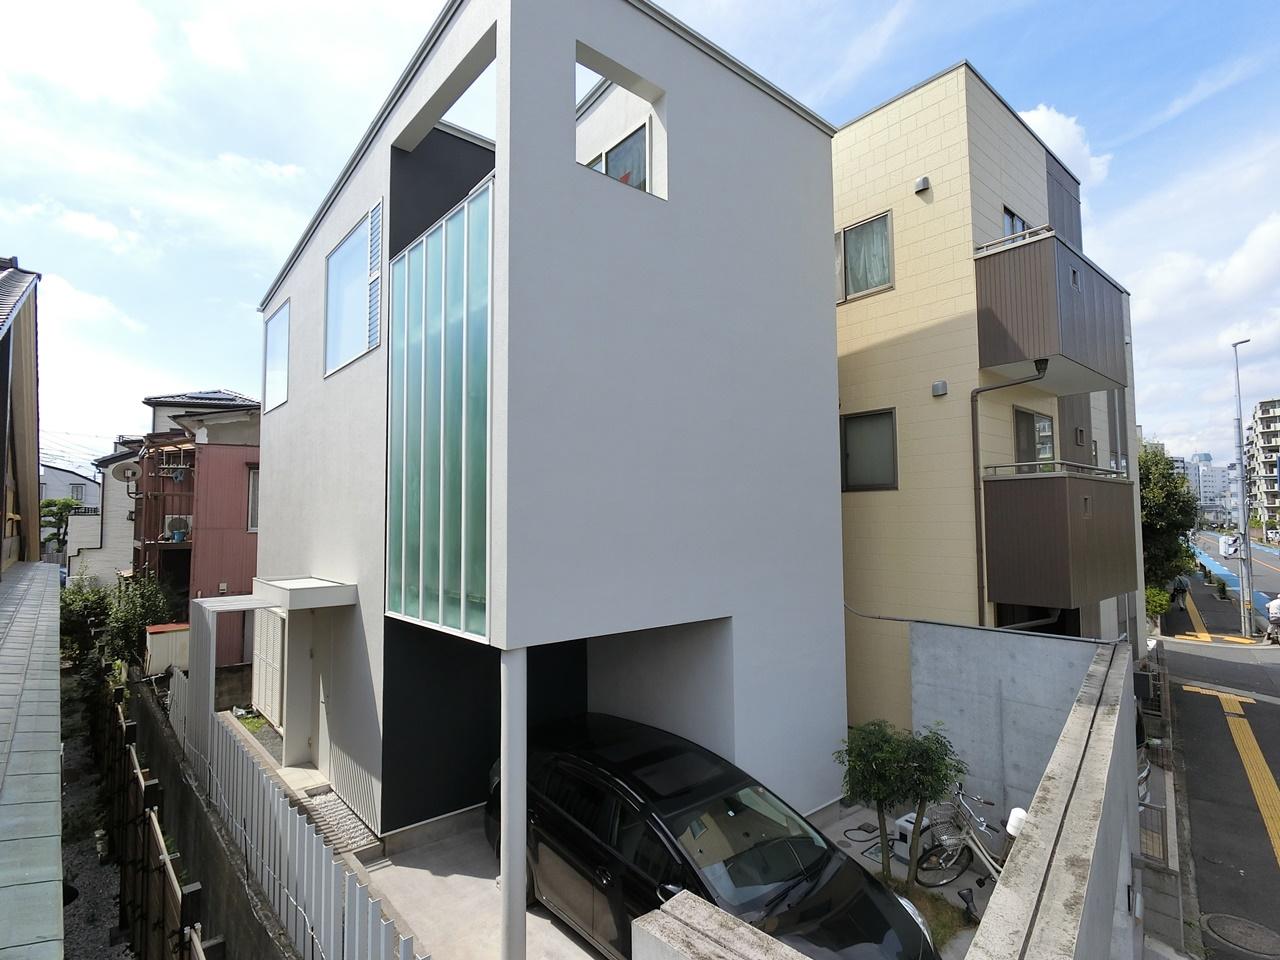 外壁クラック補修+上品艶消し塗装!屋根はキルコで遮断熱塗装!